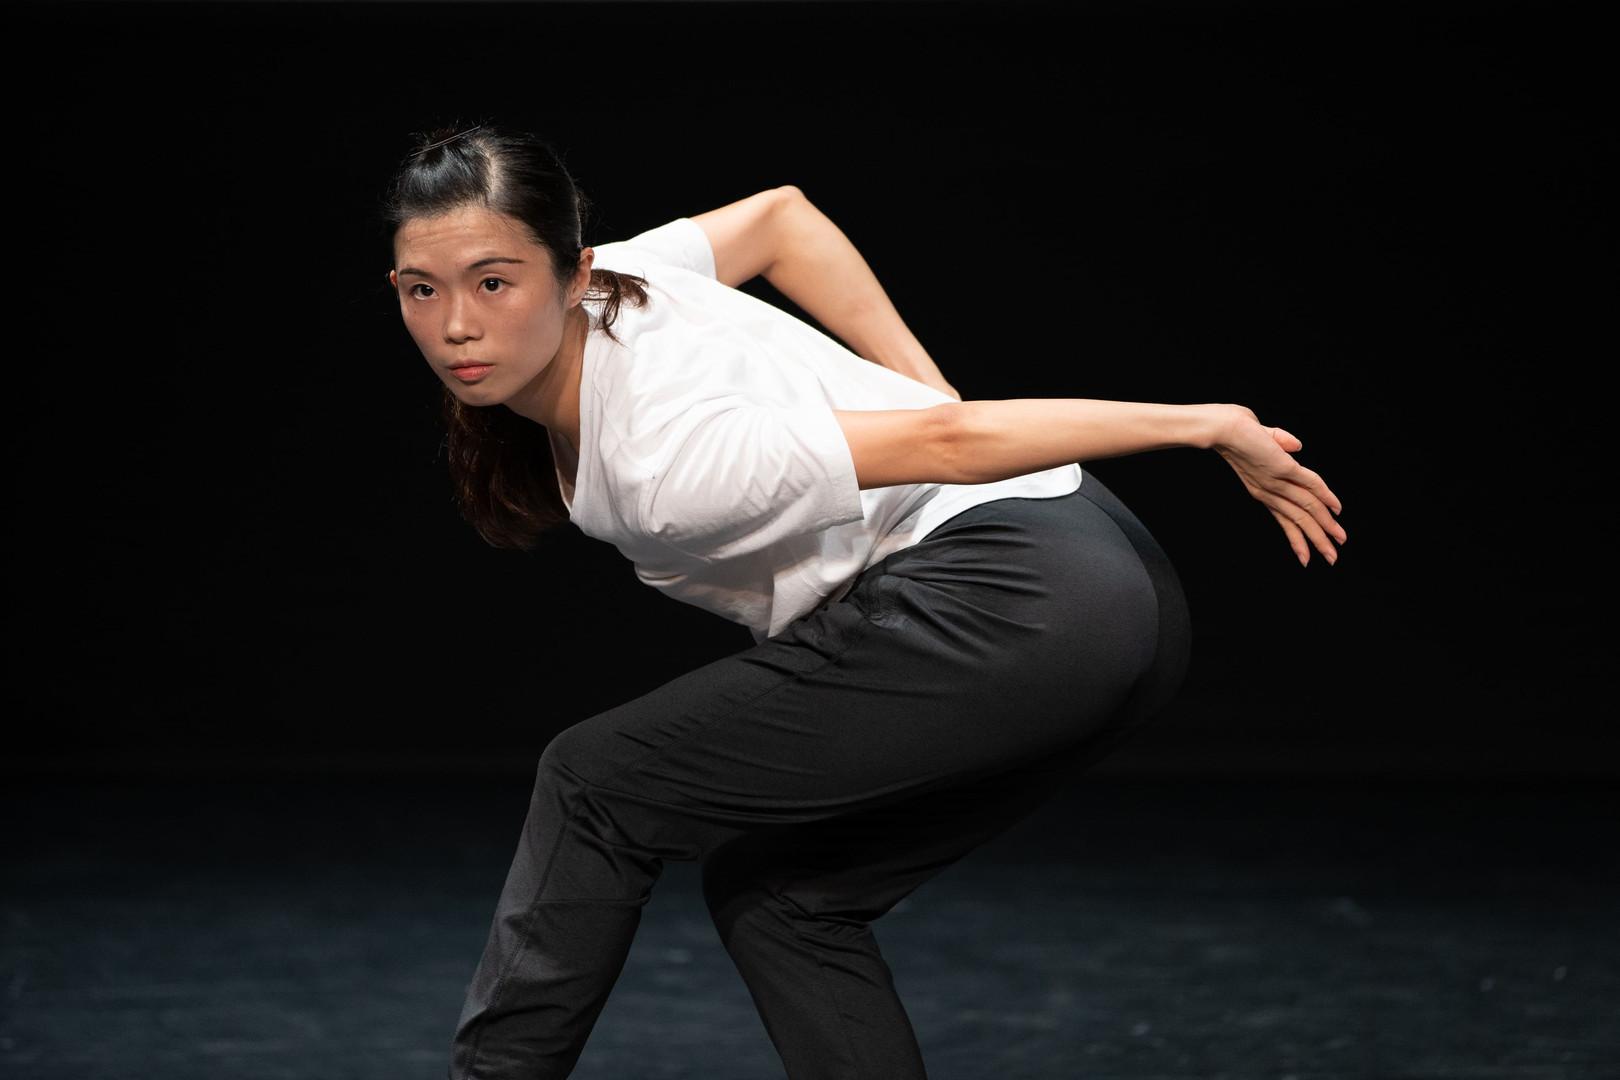 """廖慧儀 Liu Wai-yee, Libby 舞蹈員Dancer    2014年畢業於香港演藝學院,獲頒舞蹈(榮譽)學士學位,主修中國舞。在校期間曾獲多個獎學金,包括迪士尼獎學金、演藝學院友誼社獎學金、葛量洪獎學金等,並曾獲邀到捷克、北京、上海及澳門表演及交流。2016年加入香港舞蹈團,現為全職舞蹈員及兒童團導師。  曾參與演出包括《倩女・幽魂》、《中華英雄》、《風雲》、《彩雲南現》、澳門教育巡演《賞識舞蹈.唯美領會》、《絲路如詩》、《紫玉成煙》、「八樓平台」《霓虹》、《境》及《一水南天》等。2016年參加第十一屆全國桃李杯展演,於節目《古麗》擔任領舞。 除演出外,亦為「中國舞蹈與中國武術之交互研究與成果呈現」計劃之研究員之一。  Liu Wai-yee, Libby is born in Hong Kong. She graduated from the Hong Kong Academy for Performing Arts in 2014 with Bachelor of Fine Arts (Honors) Degree in Dance, majoring in Chinese Dance. During her studies, she was awarded several scholarships including the Disneyland Scholarship, The Ohel Leah Synagogue Charity Undergraduate Scholarship, SAPA Scholarship, and the Grantham Scholarship. She was also invited to perform in Czech, Beijing, Shanghai and Macau. She joined the Hong Kong Dance Company in 2016 and also serves as Instructor at HKDC's Children's and Youth Troupes.  Liu has performed in different HKDC productions including, L'Amour Immortel, Chinese Hero: A Lone Exile, Storm Cloud, Kaleidoscope of Dance from Yunnan, educational performance Dance Appreciation - Aesthetic Appeal in Macau, Ode to the Silk Road, Waiting Heart, """"8/F Platform"""" – Neon and Jing, and A Tale of the Southern Sky. She was the ensemble lead in Guli, performed at the Achievement Exhibition of the 11th Taoli Cup National Dancing Education Performance of China. She is also a researcher of HKDC's Research study on Chinese martial arts and Chinese dance."""